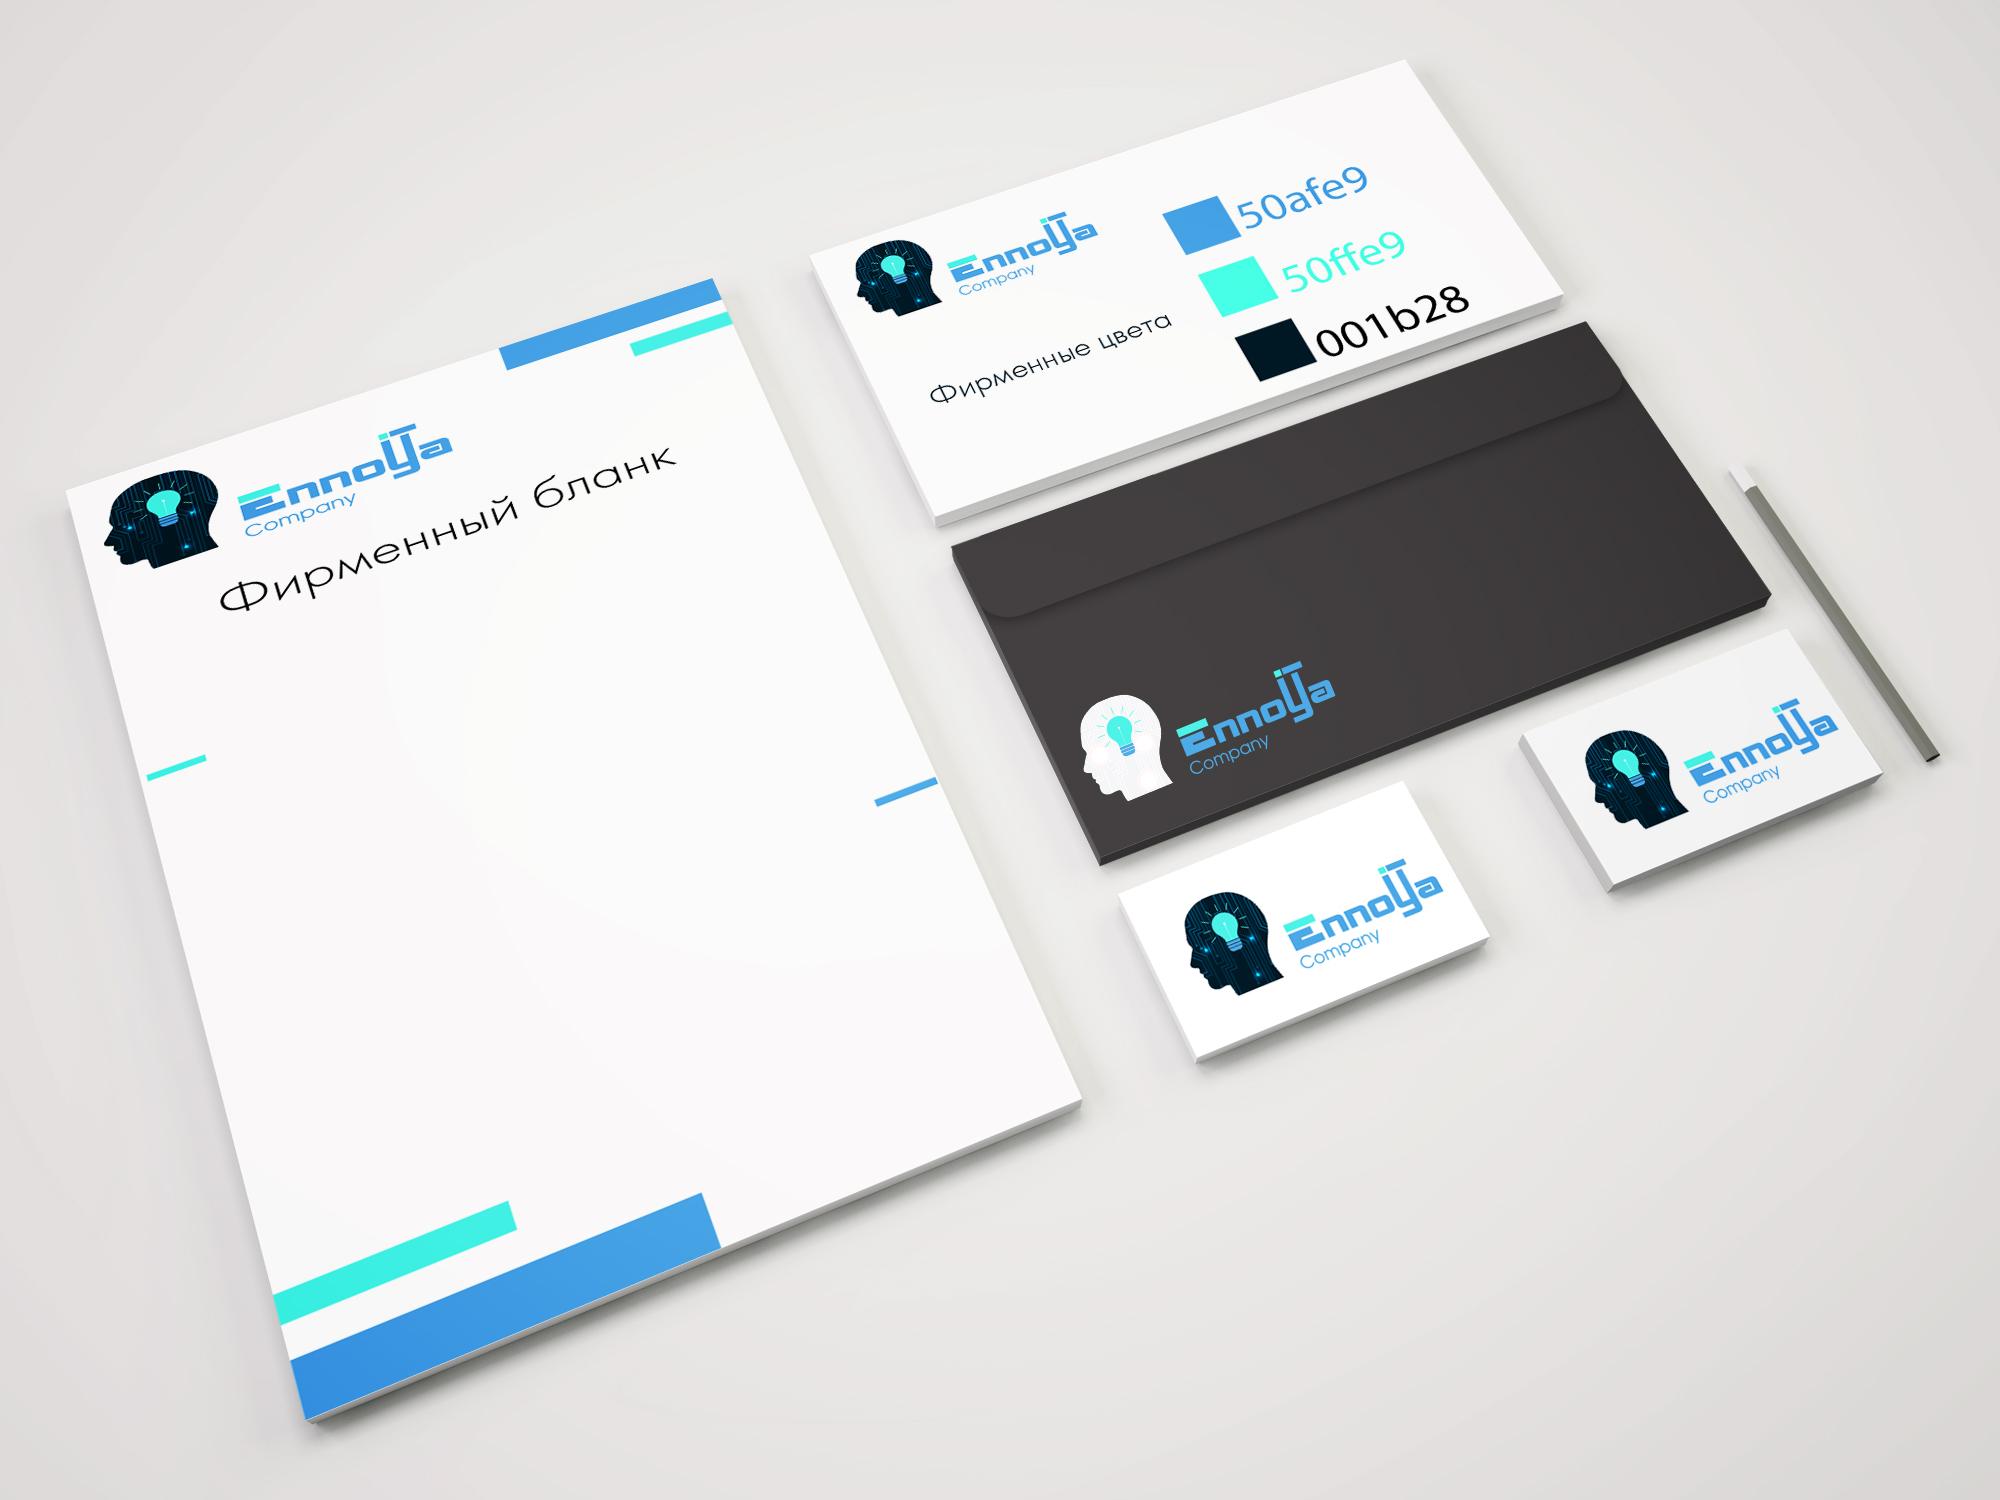 Логотип + фирменный стиль для продуктовой IT компании фото f_4705adacedeb78ab.jpg